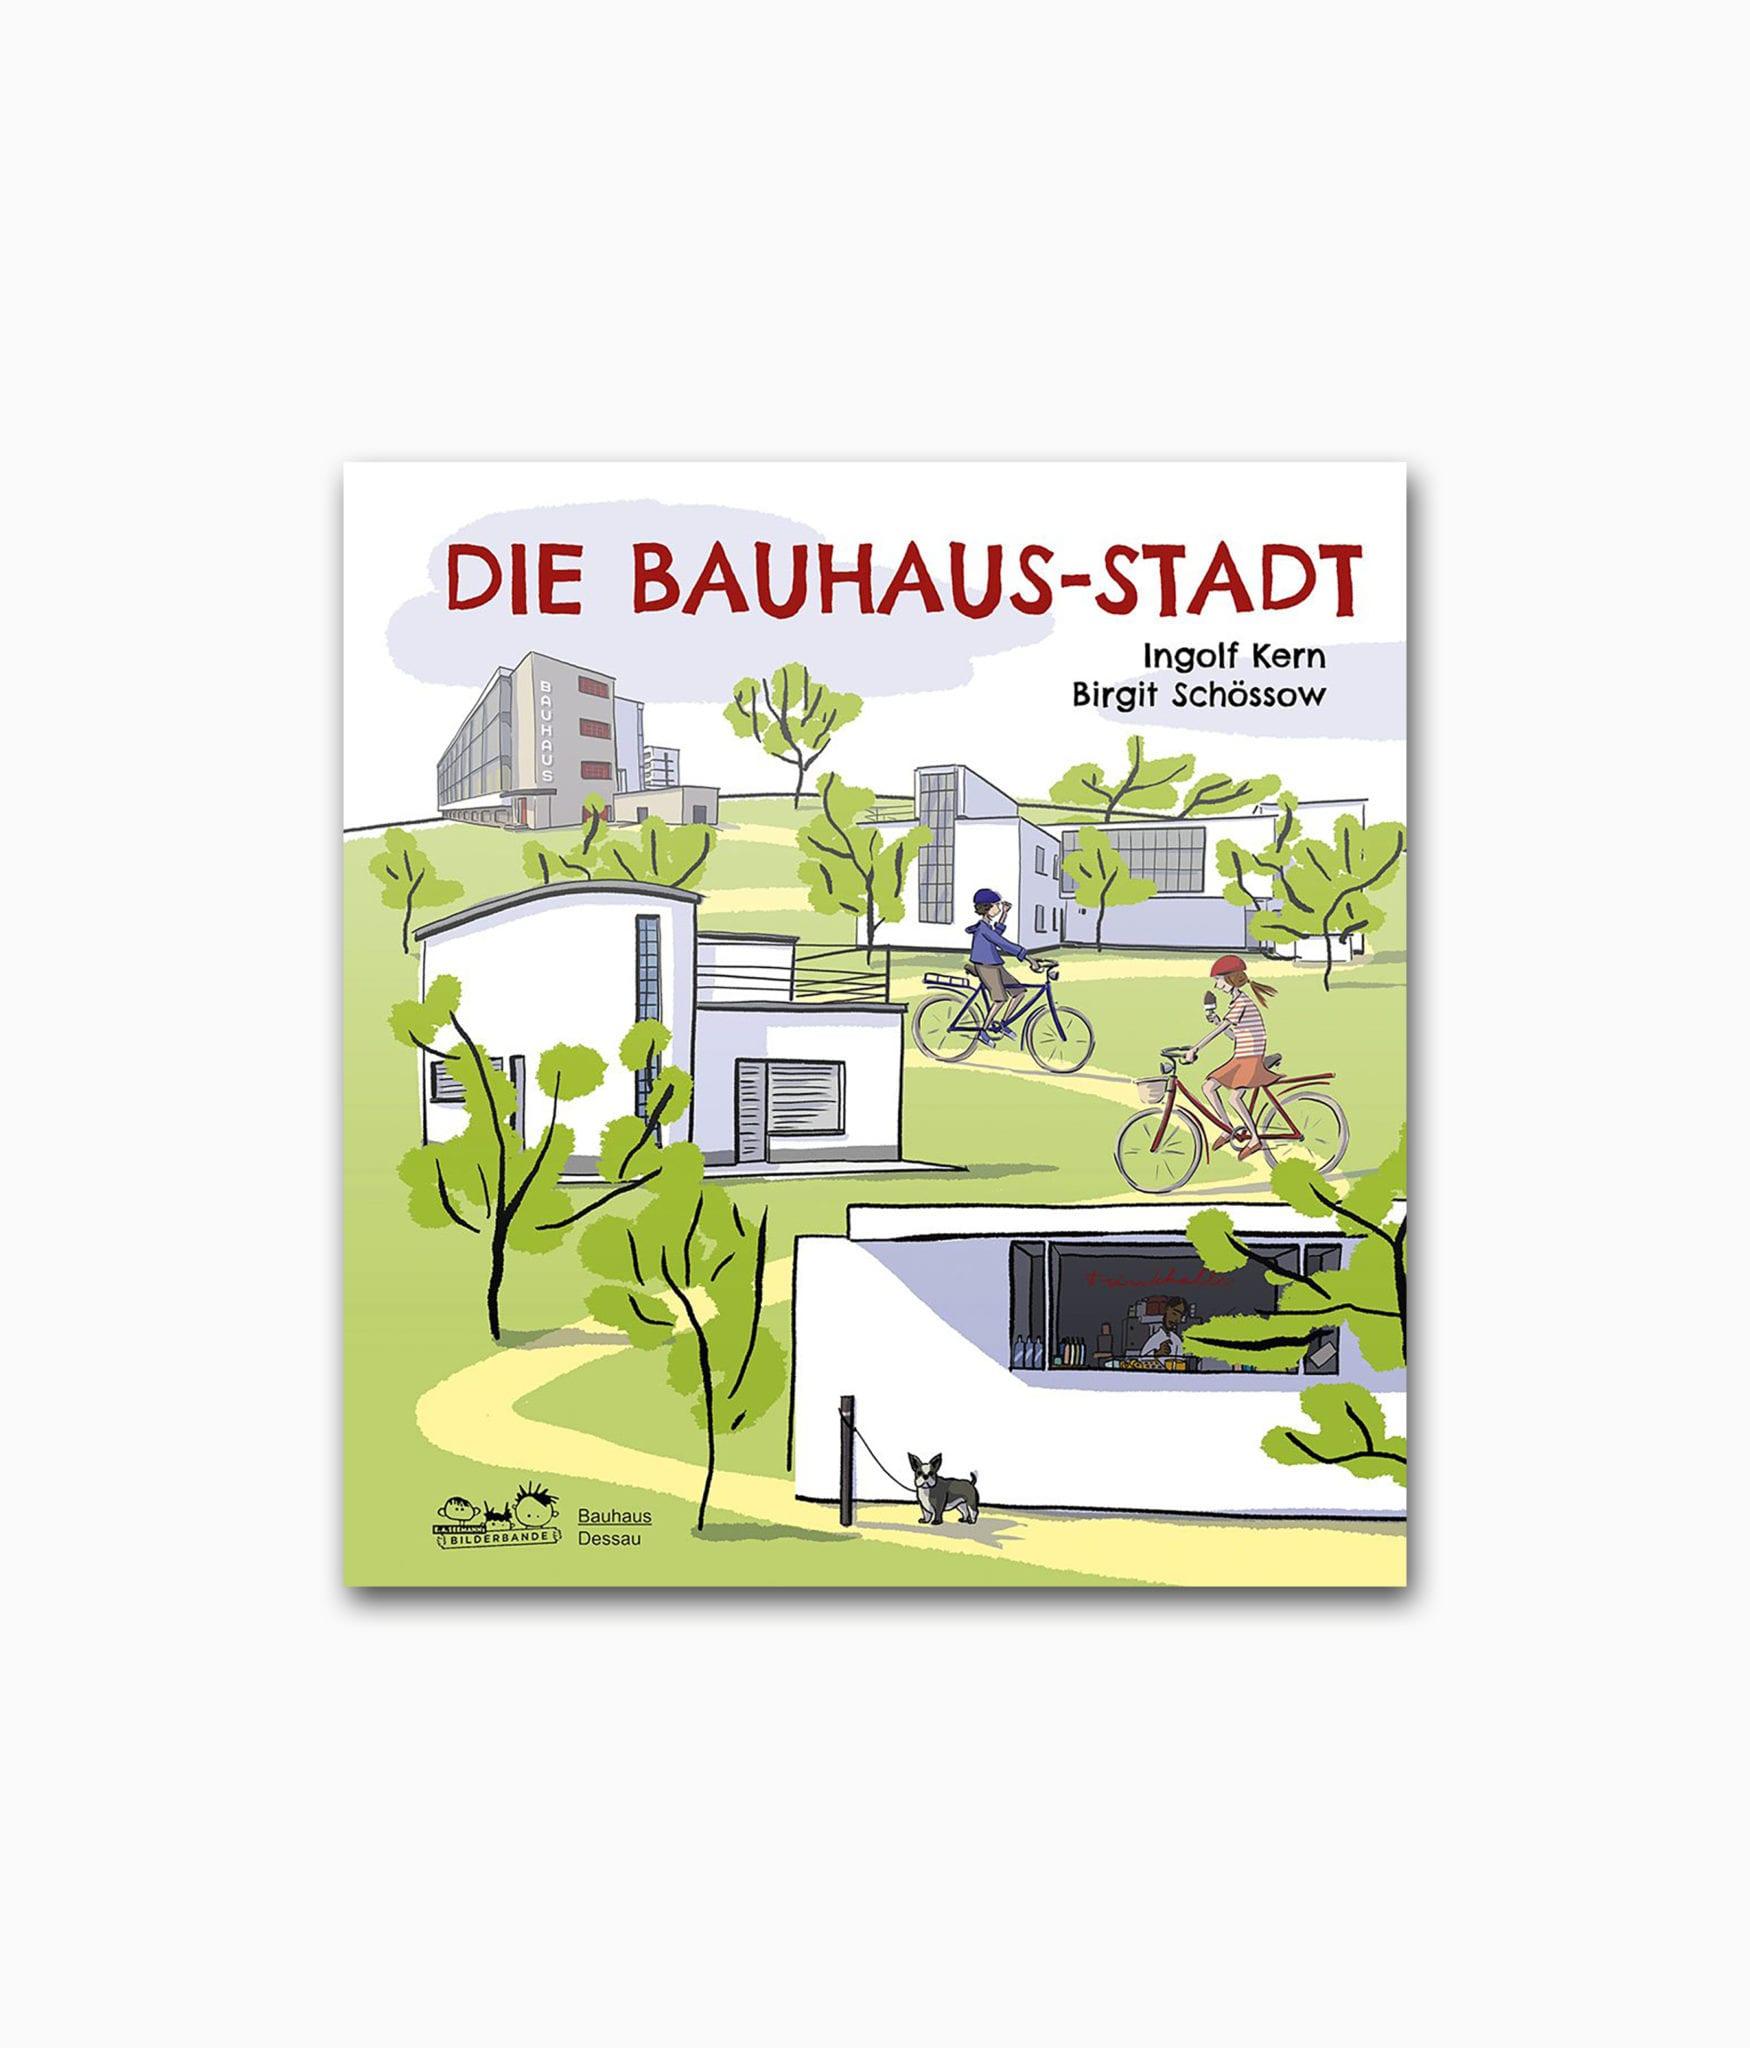 Cover des Architekturbuches für Kinder namens Die Bauhaus-Stadt erschienen im E.A. Seemann Verlag